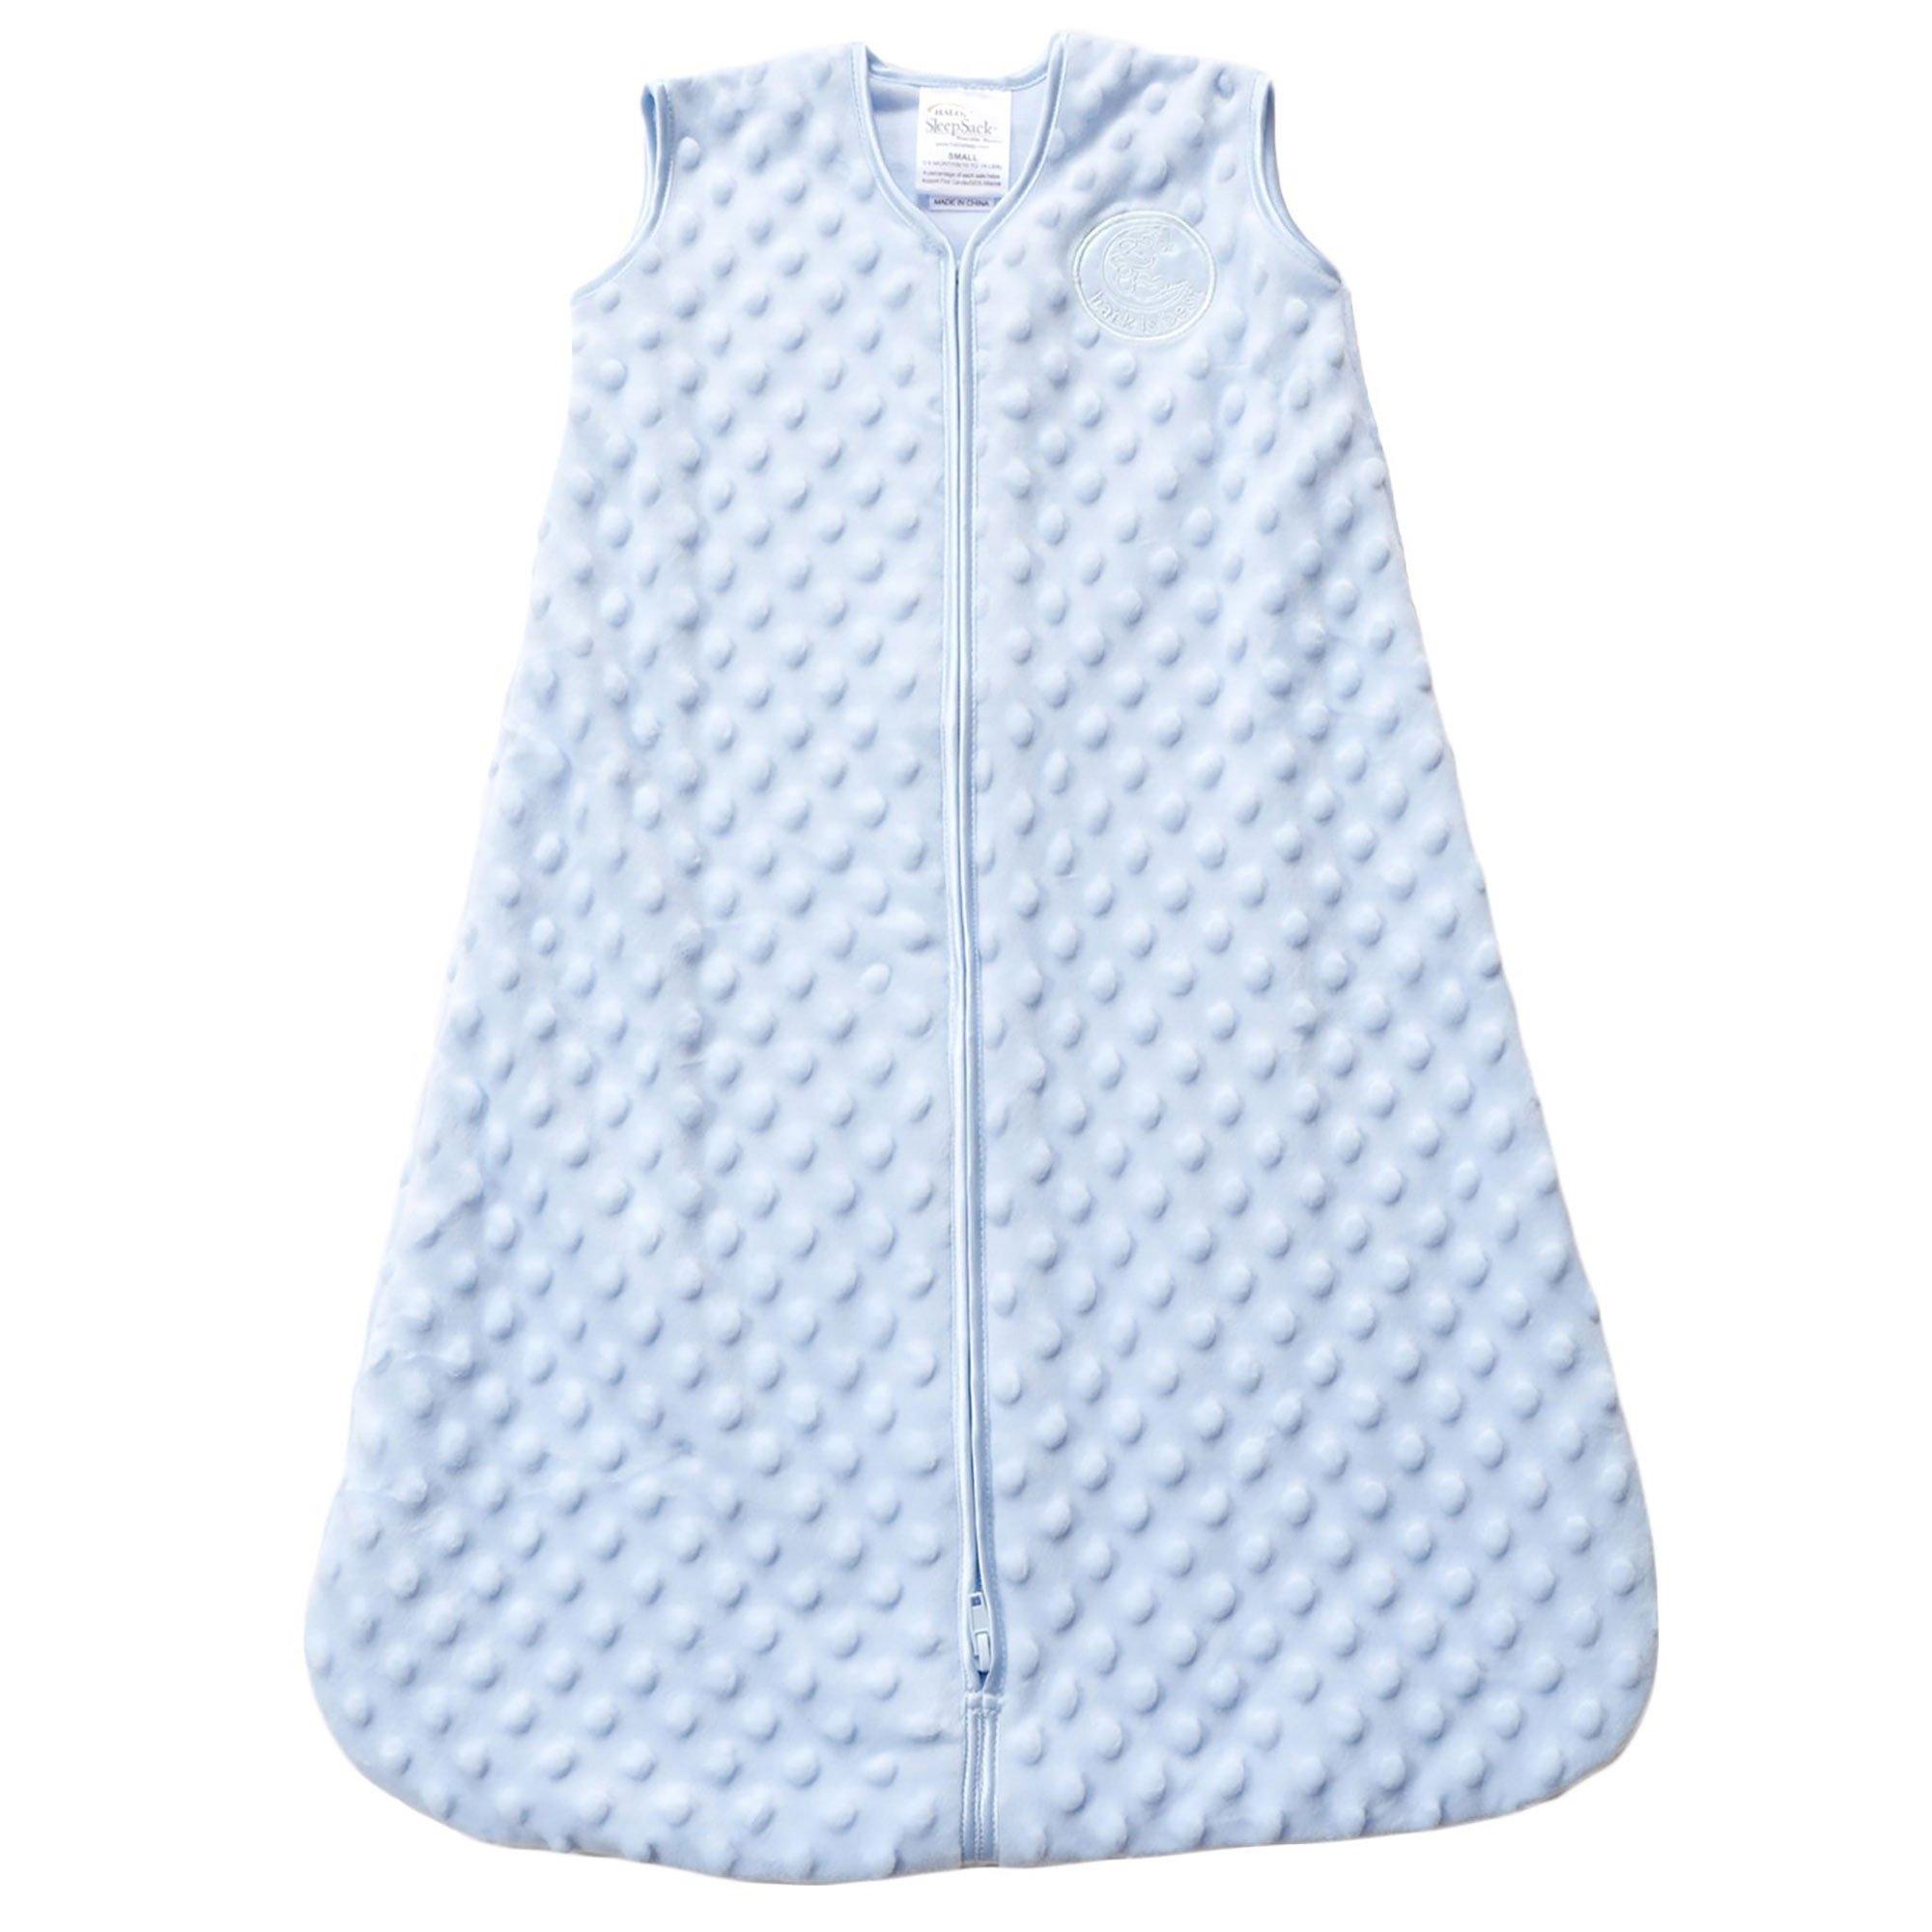 HALO SleepSack Plush Dot Velboa Wearable Blanket, Blue, Medium